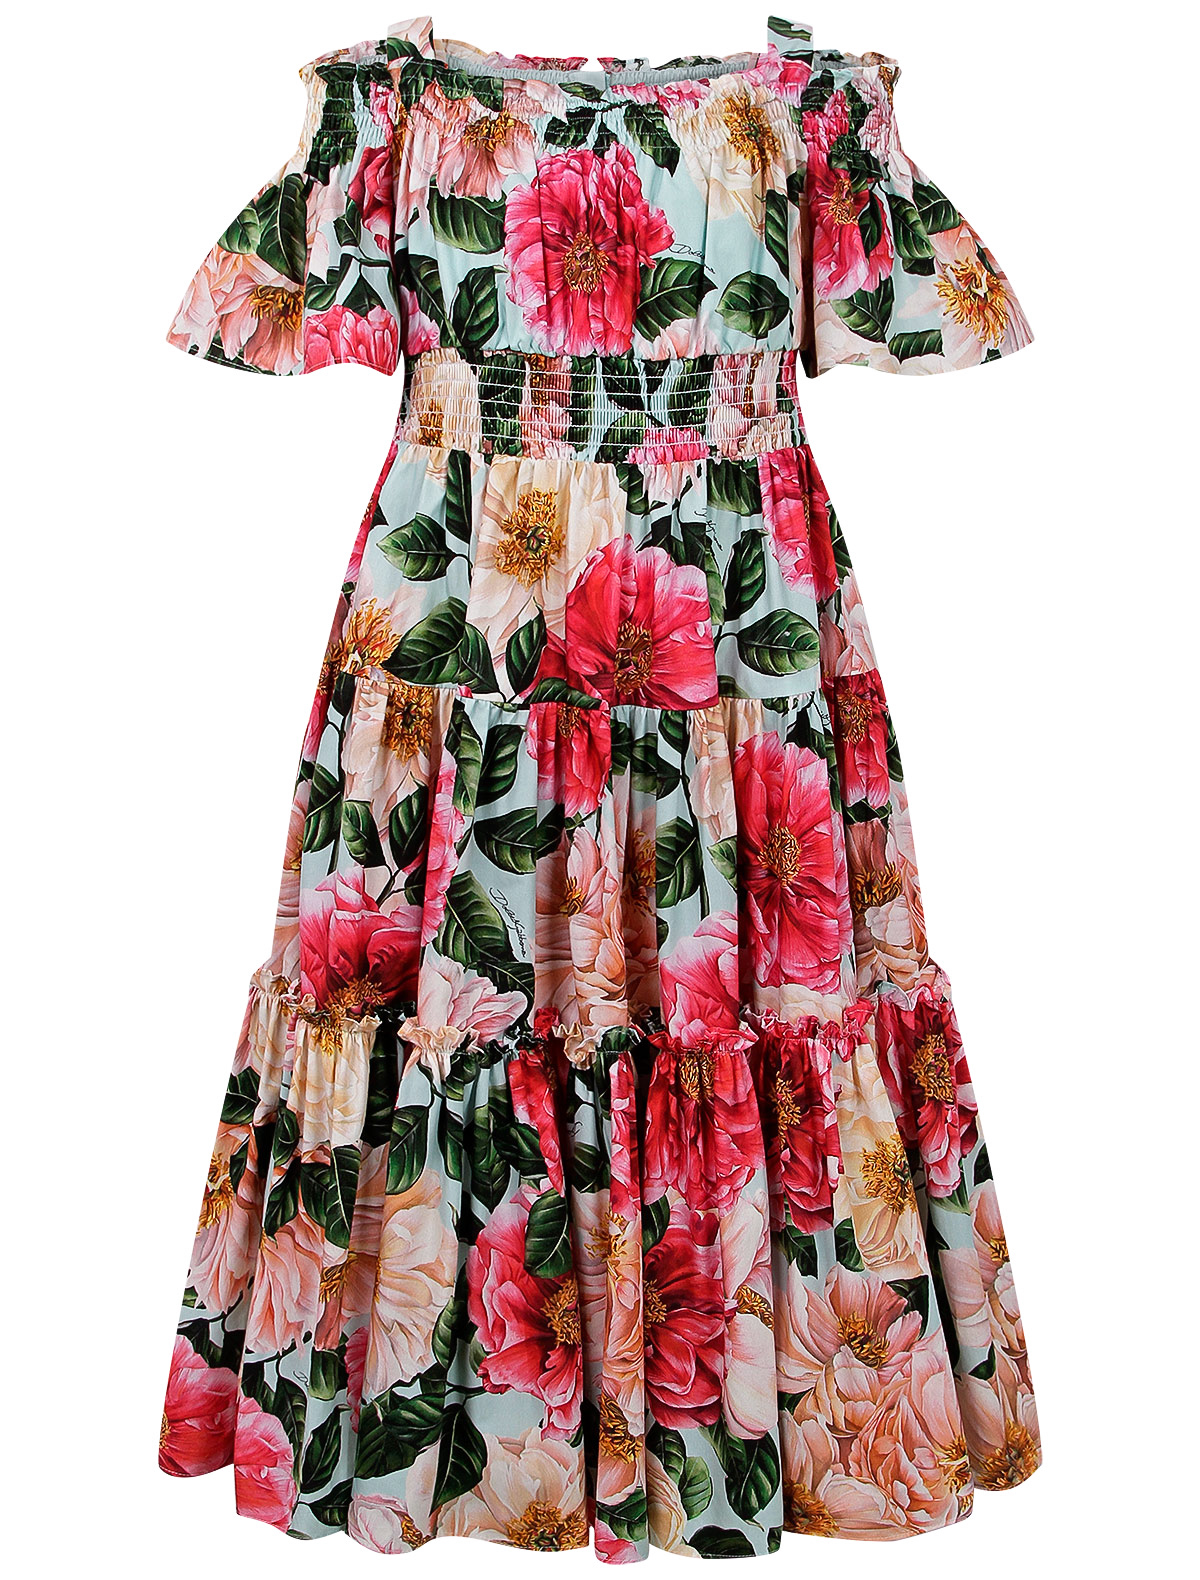 Купить 2295487, Платье Dolce & Gabbana, розовый, Женский, 1054609170434